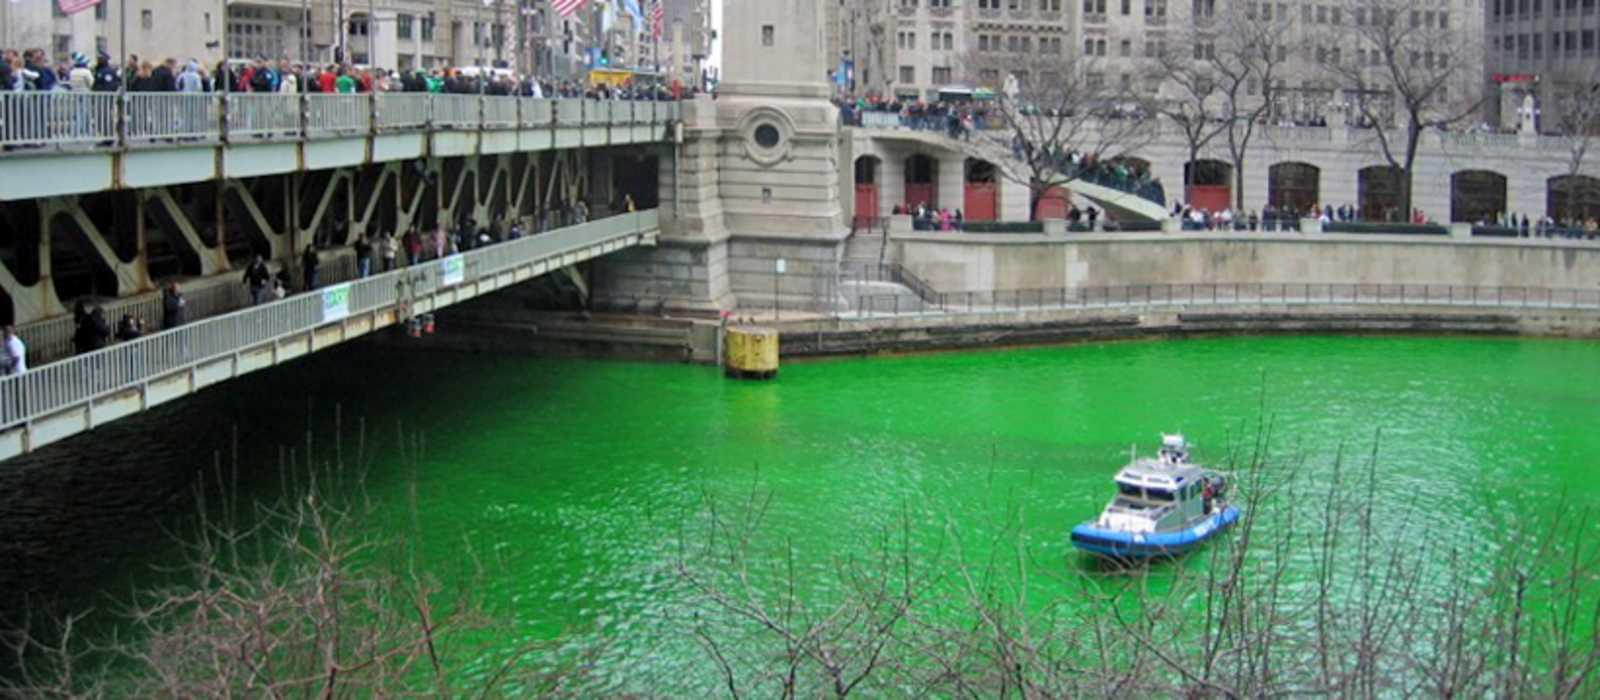 Der grün gefärbte Chicago River